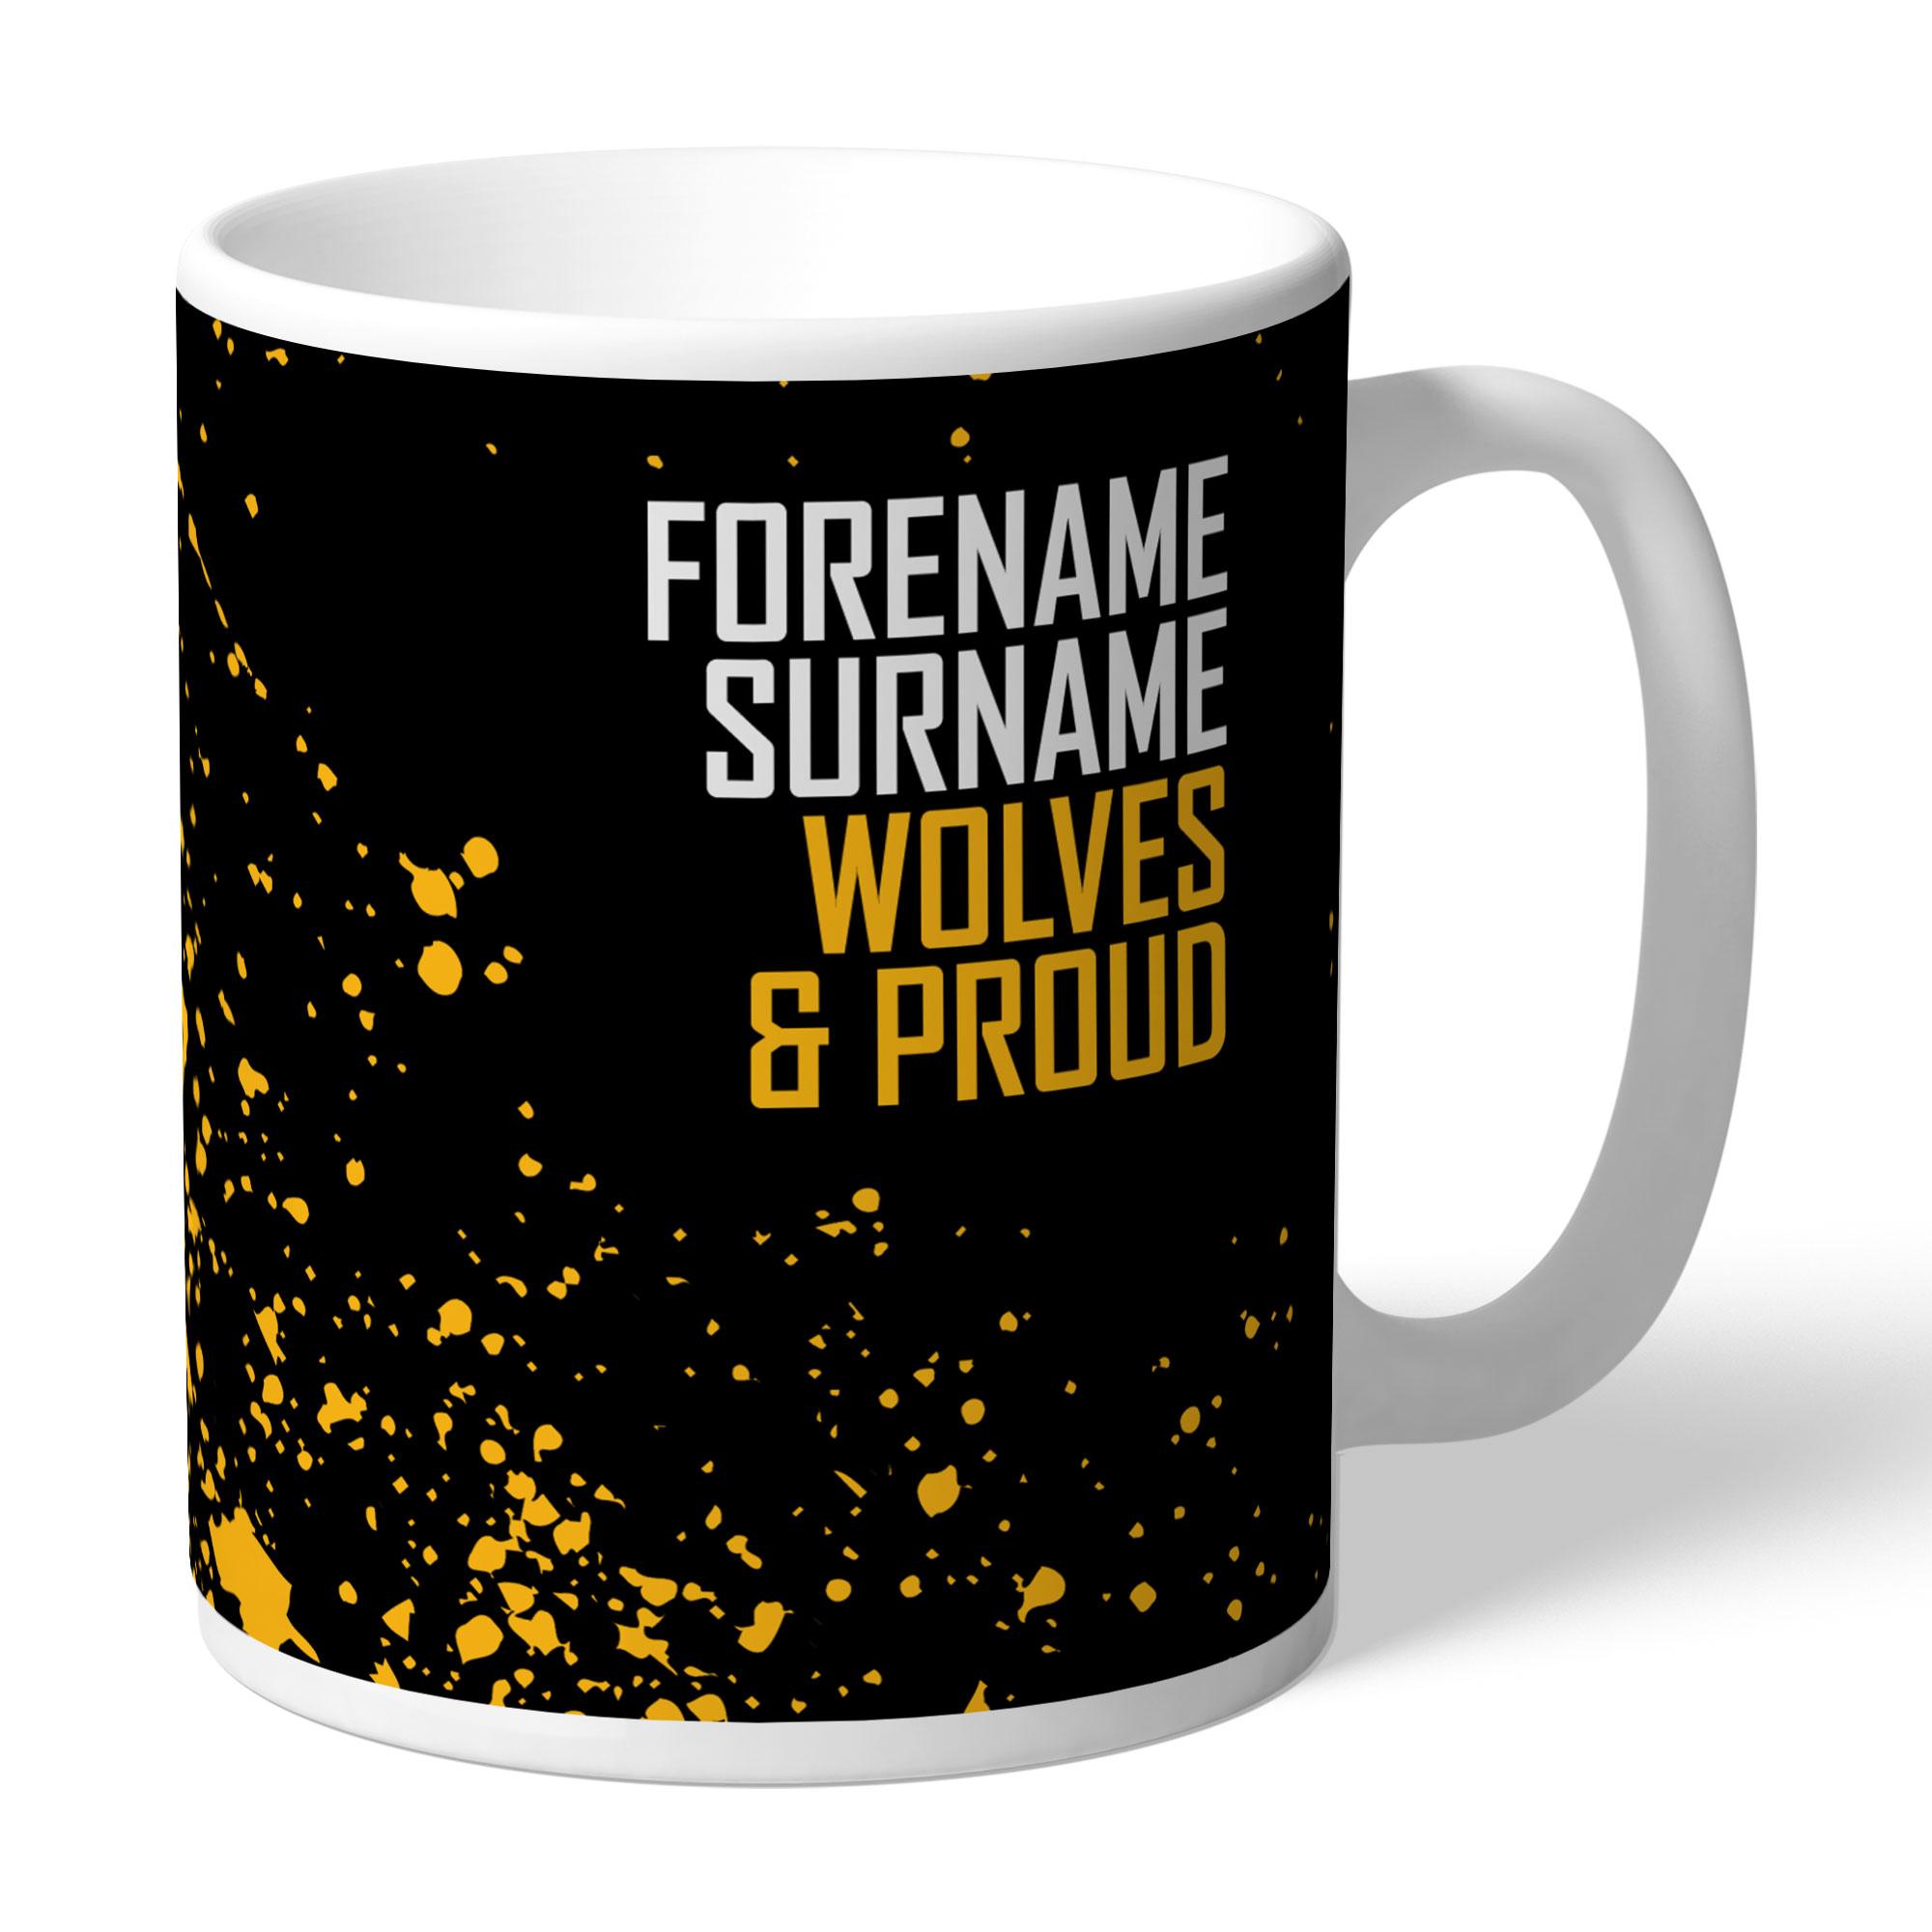 Wolves Proud Mug